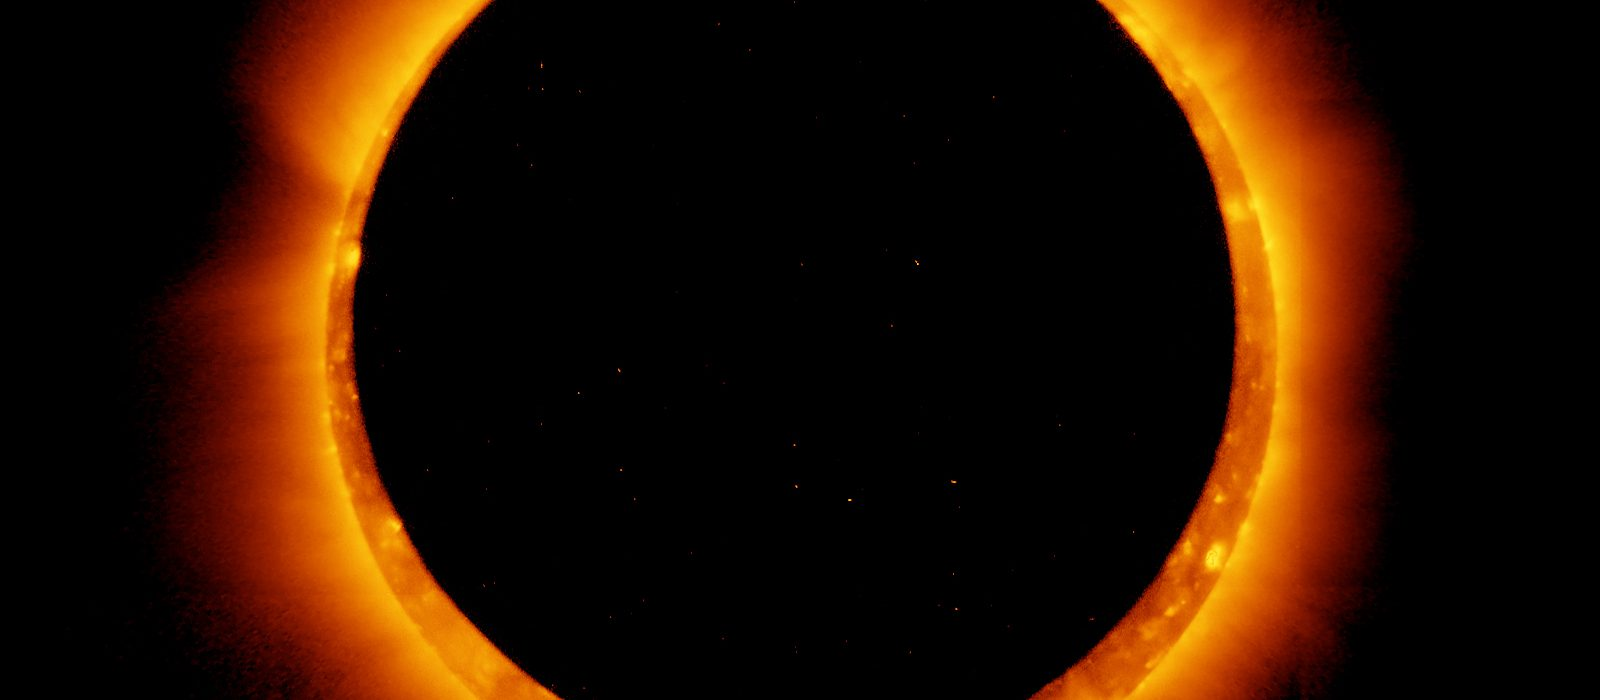 Trucos para ver el eclipse solar sin peligro, ¡protege tus ojos!